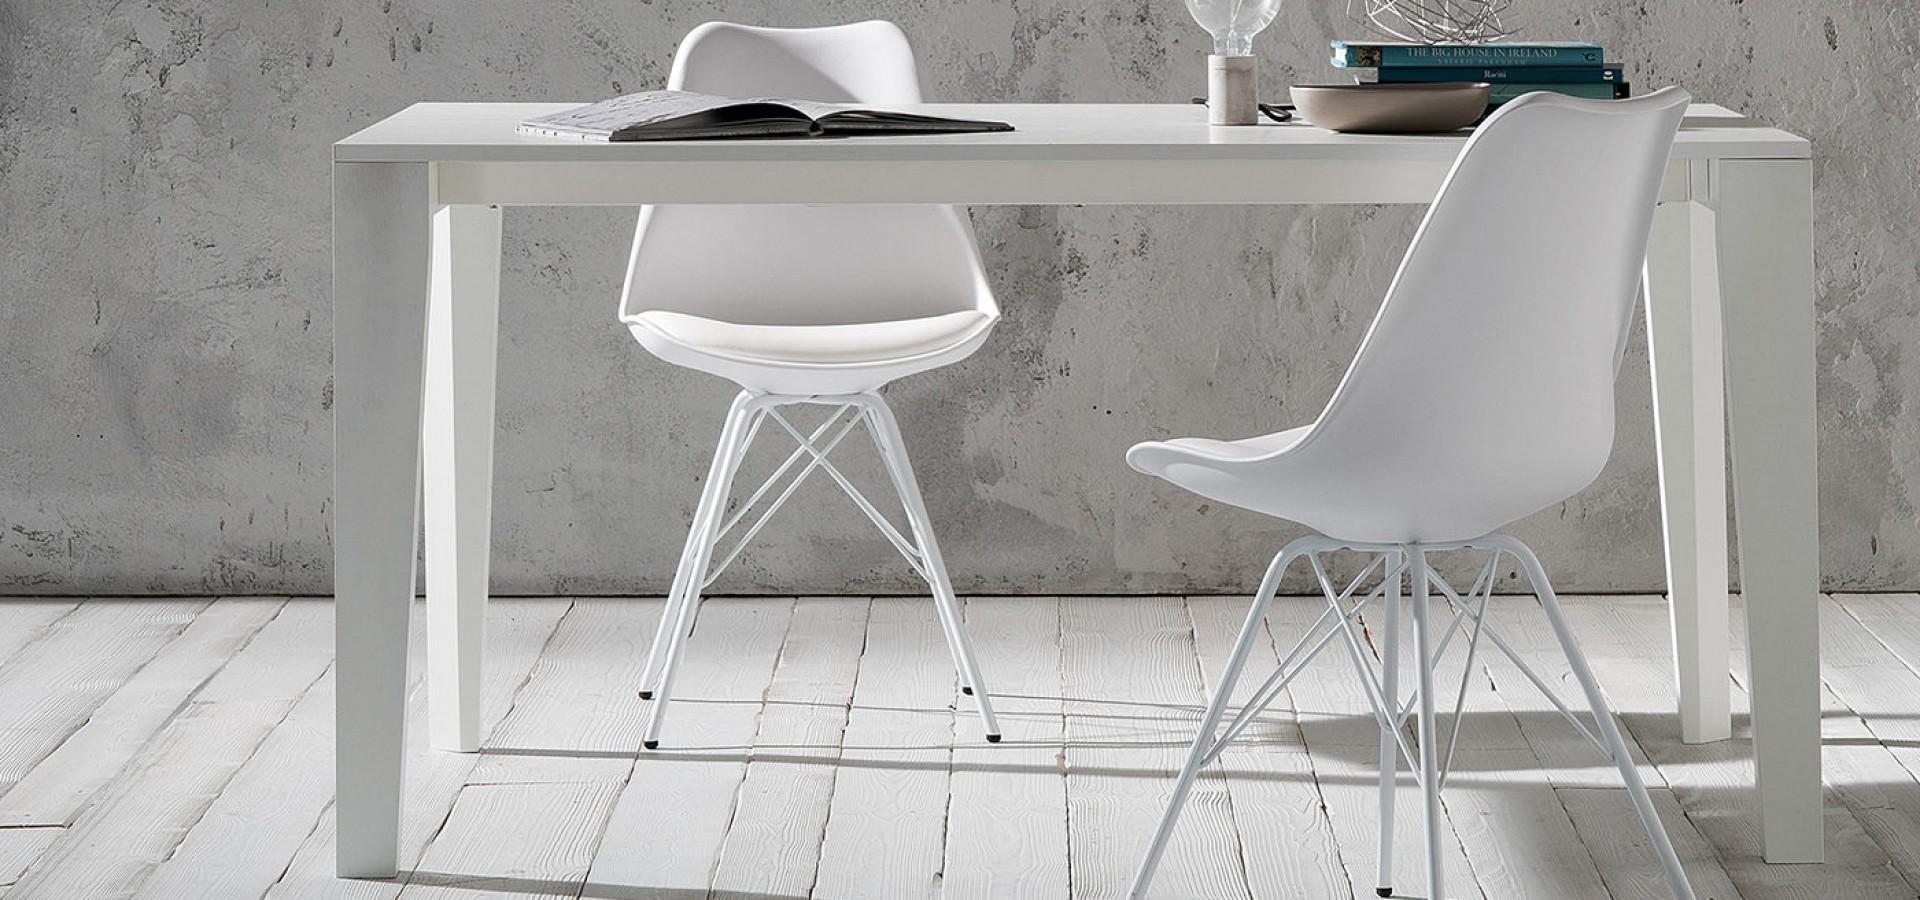 Итальянский стол FRIDA tavolo |